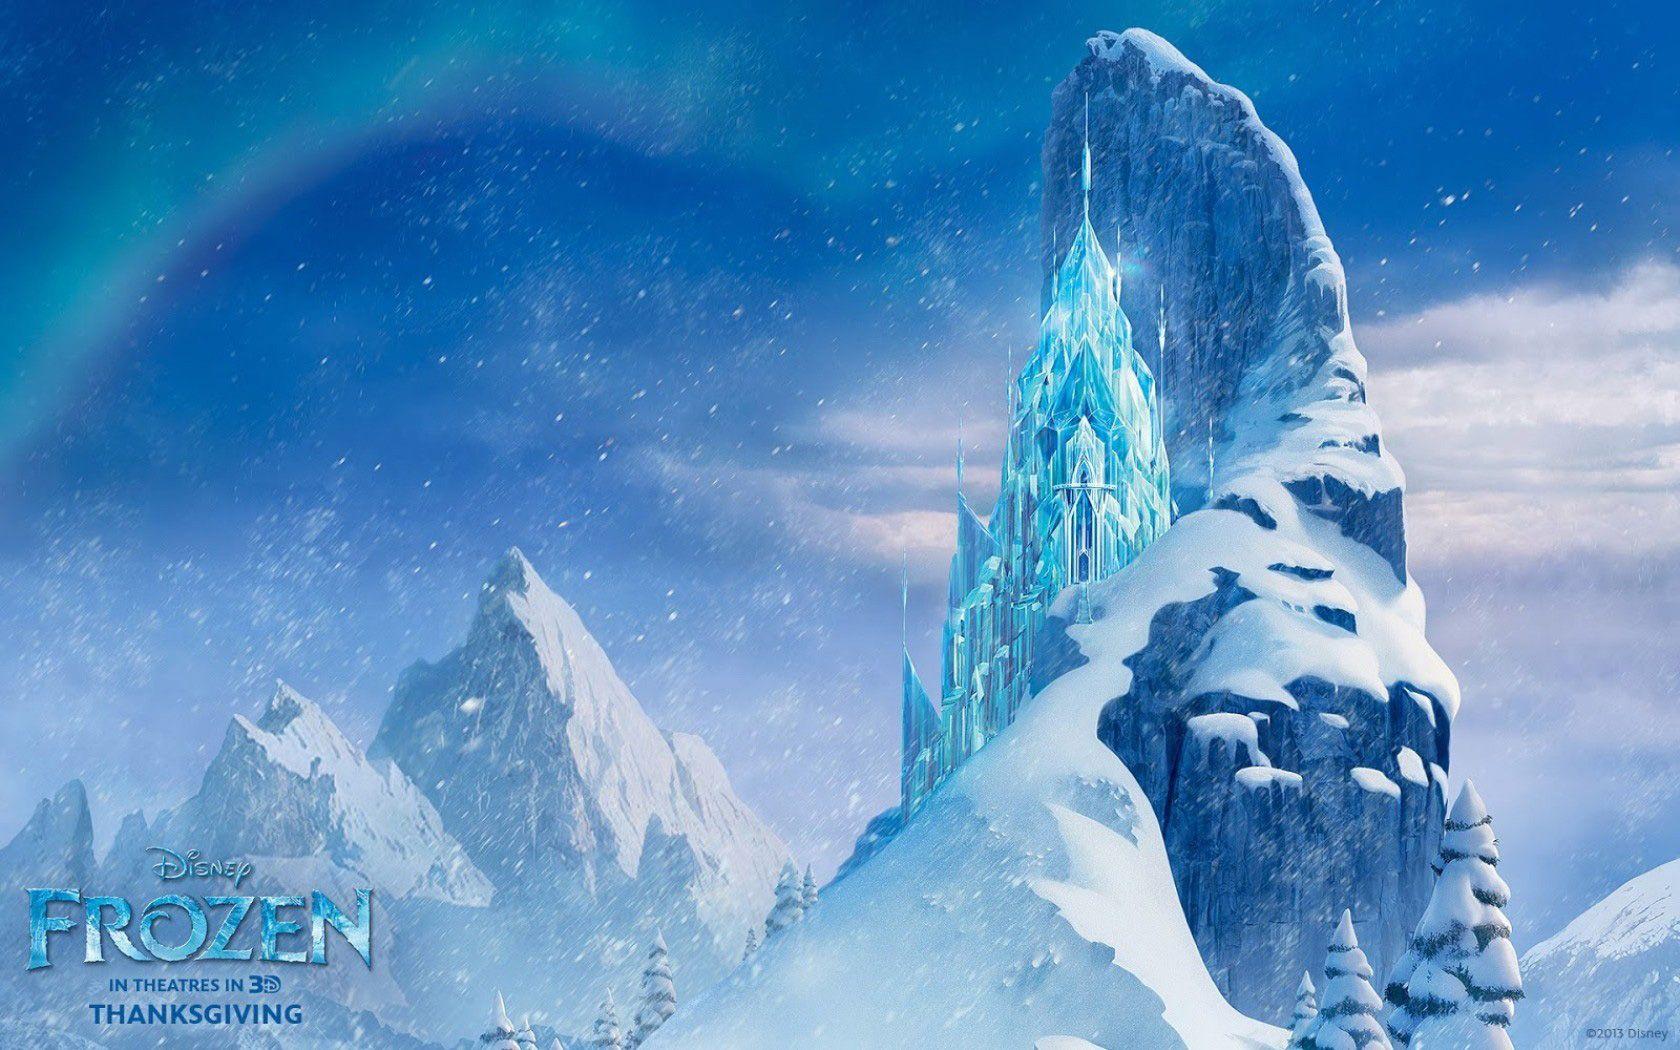 Bg参考 おしゃれまとめの人気アイデア Pinterest Aki Kobori 氷の城 雪 コンセプトアート